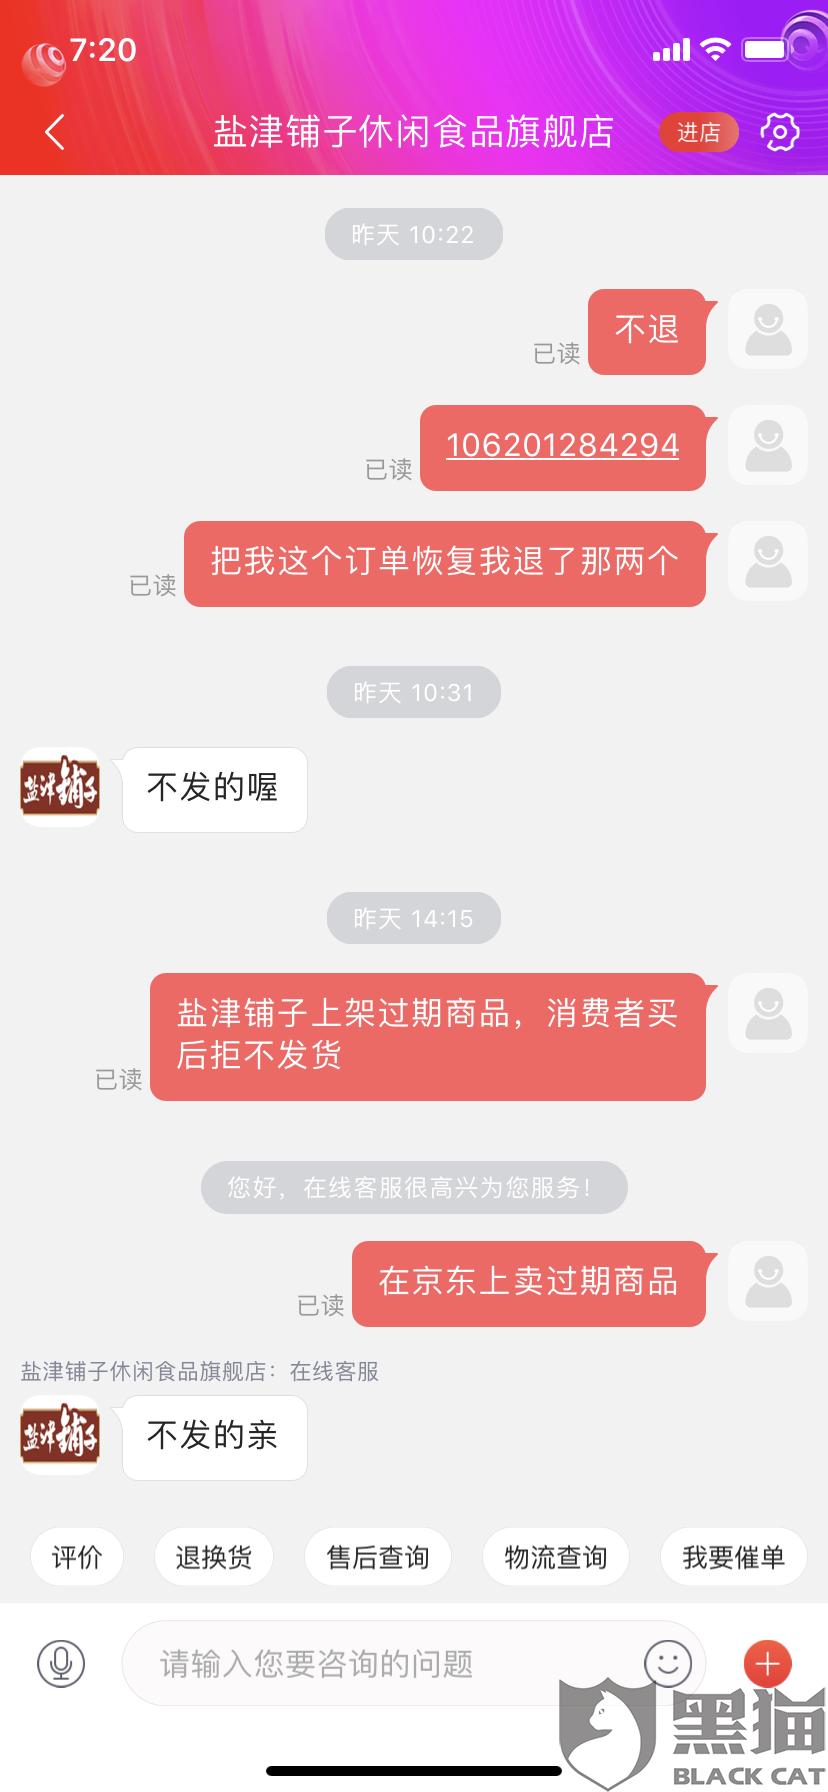 黑猫投诉:京东商城盐津铺子食品旗舰店出售过期商品,拒不发货,拒不赔偿。